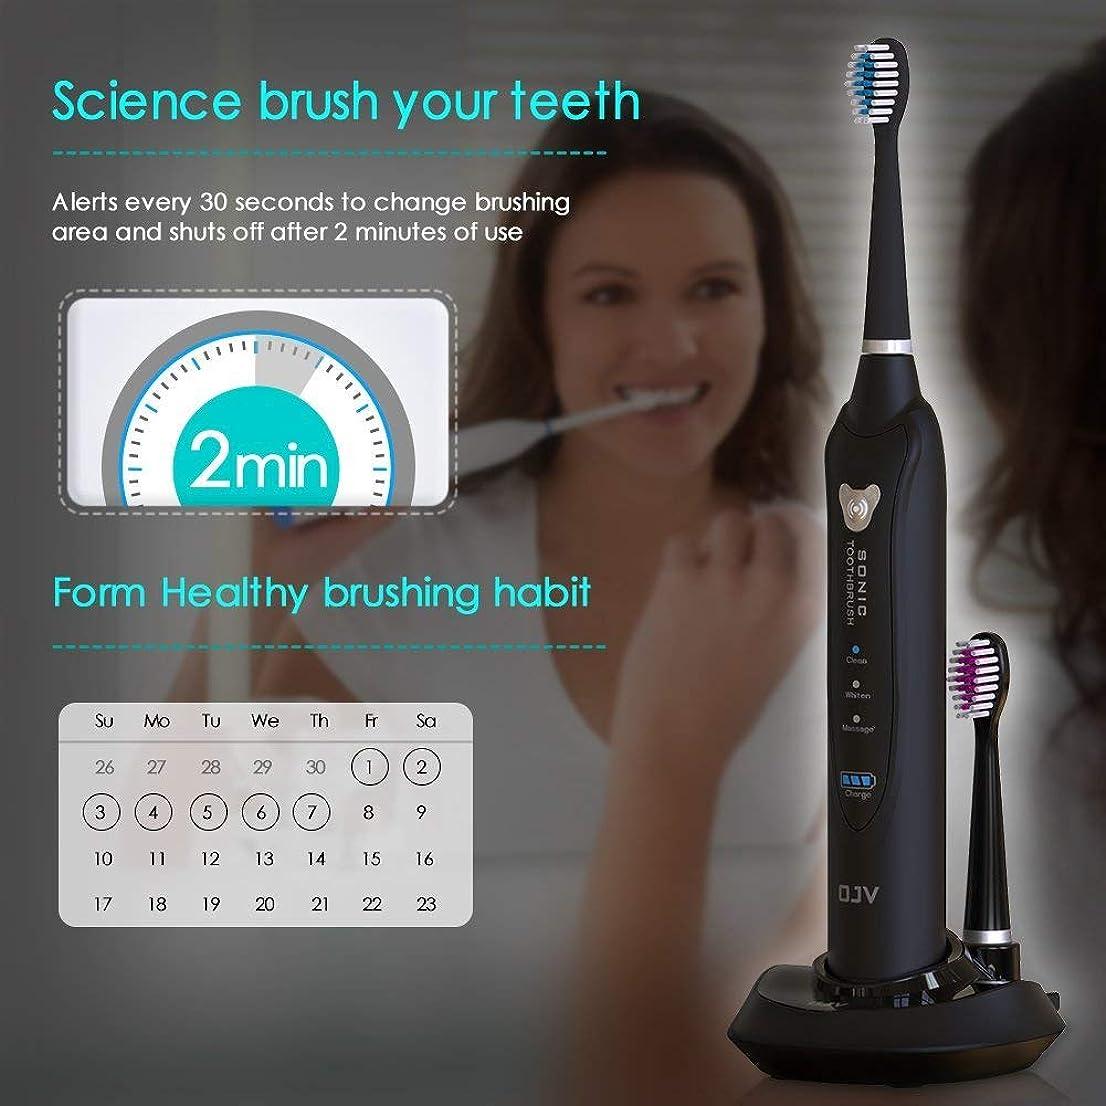 ユーモア適度な夜間調整可能ソニック電動歯ブラシ歯ホワイトニング活力歯ブラシ充電スタンドソニックブラシパワードトラベルブラシソニックブラシ (ブラック)